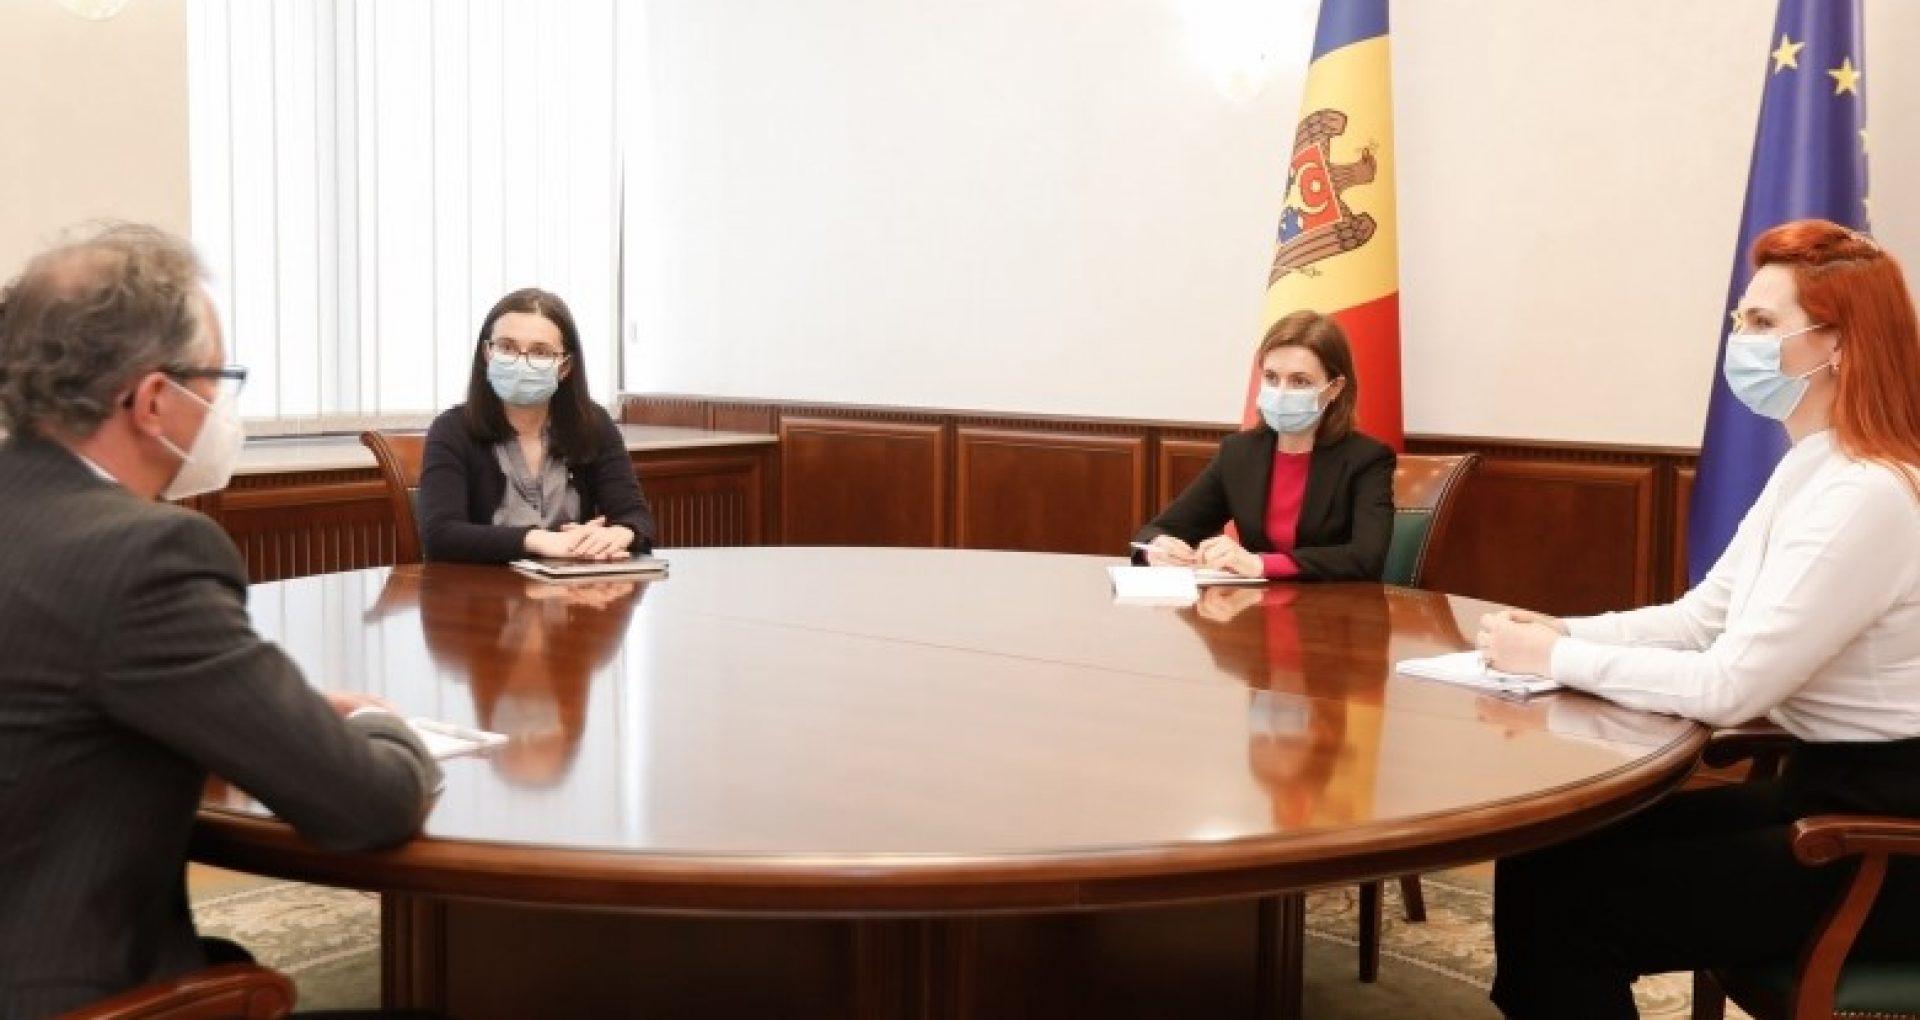 Președinta Sandu a discutat cu șeful Misiunii OSCE în R. Moldova despre evoluția situației pandemice